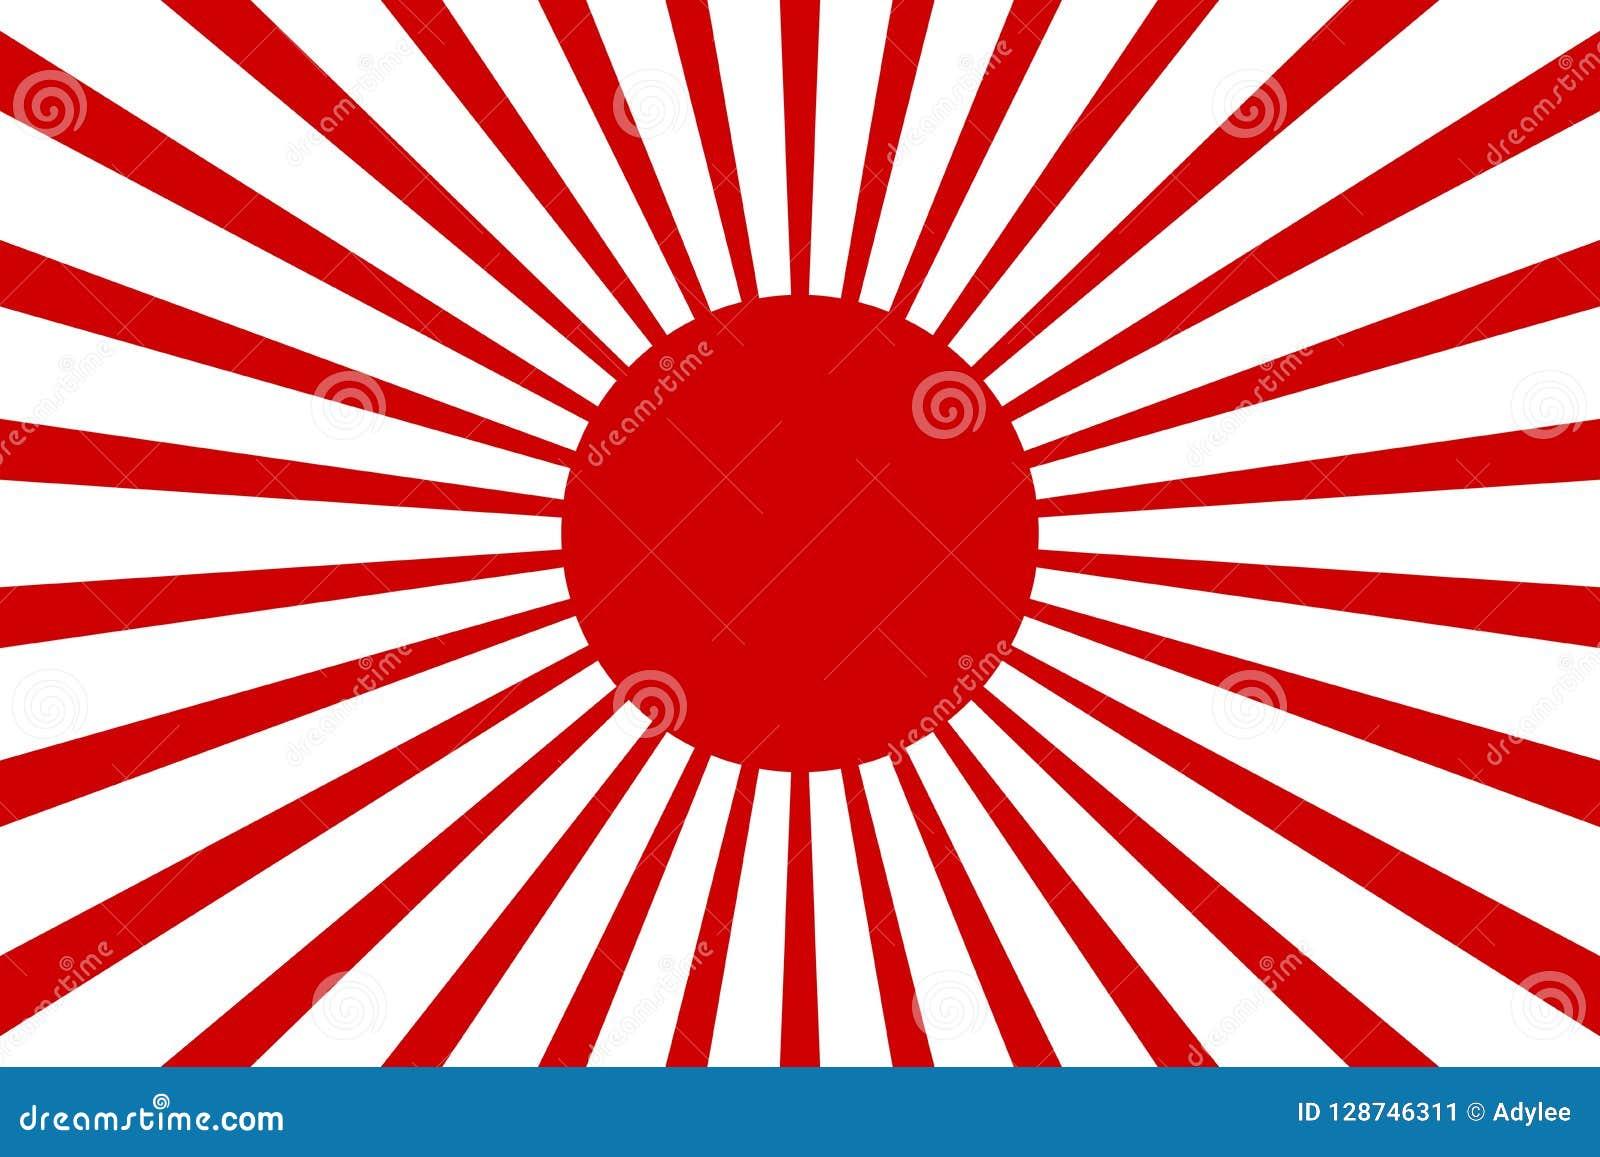 储蓄传染媒介日本红色太阳墙纸背景传染媒介例证减速火箭的光芒背景2